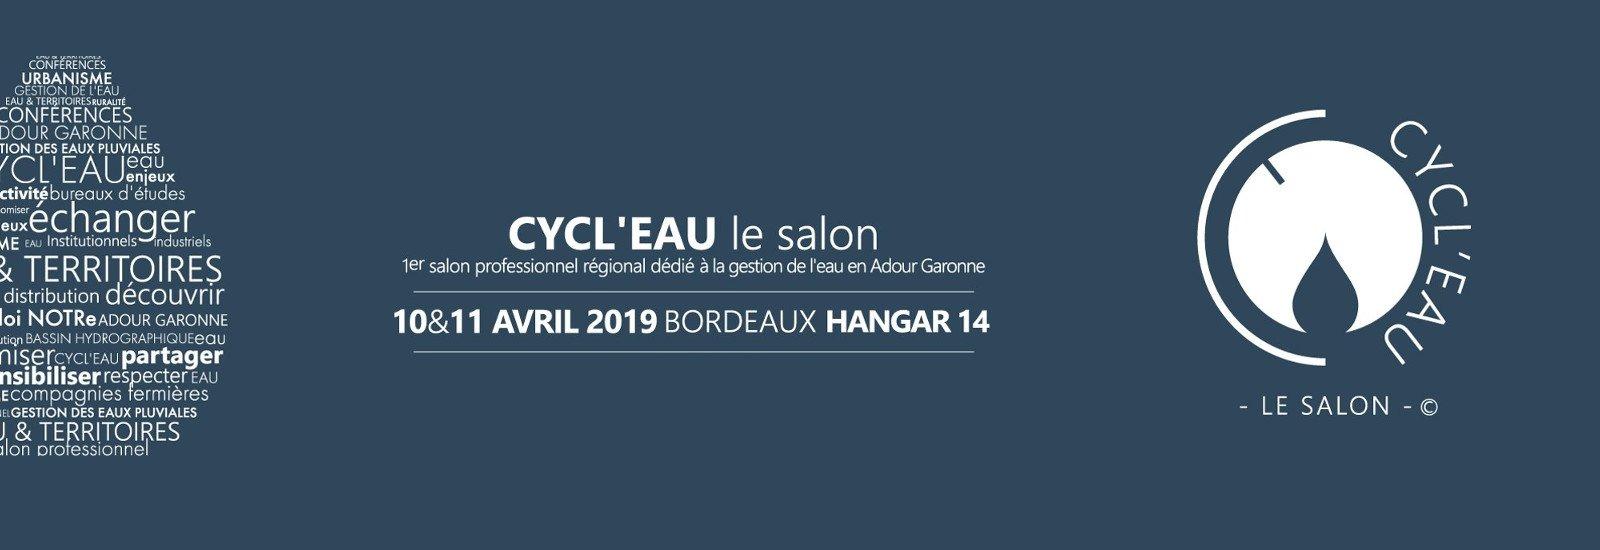 Cycl'Eau Bordeaux